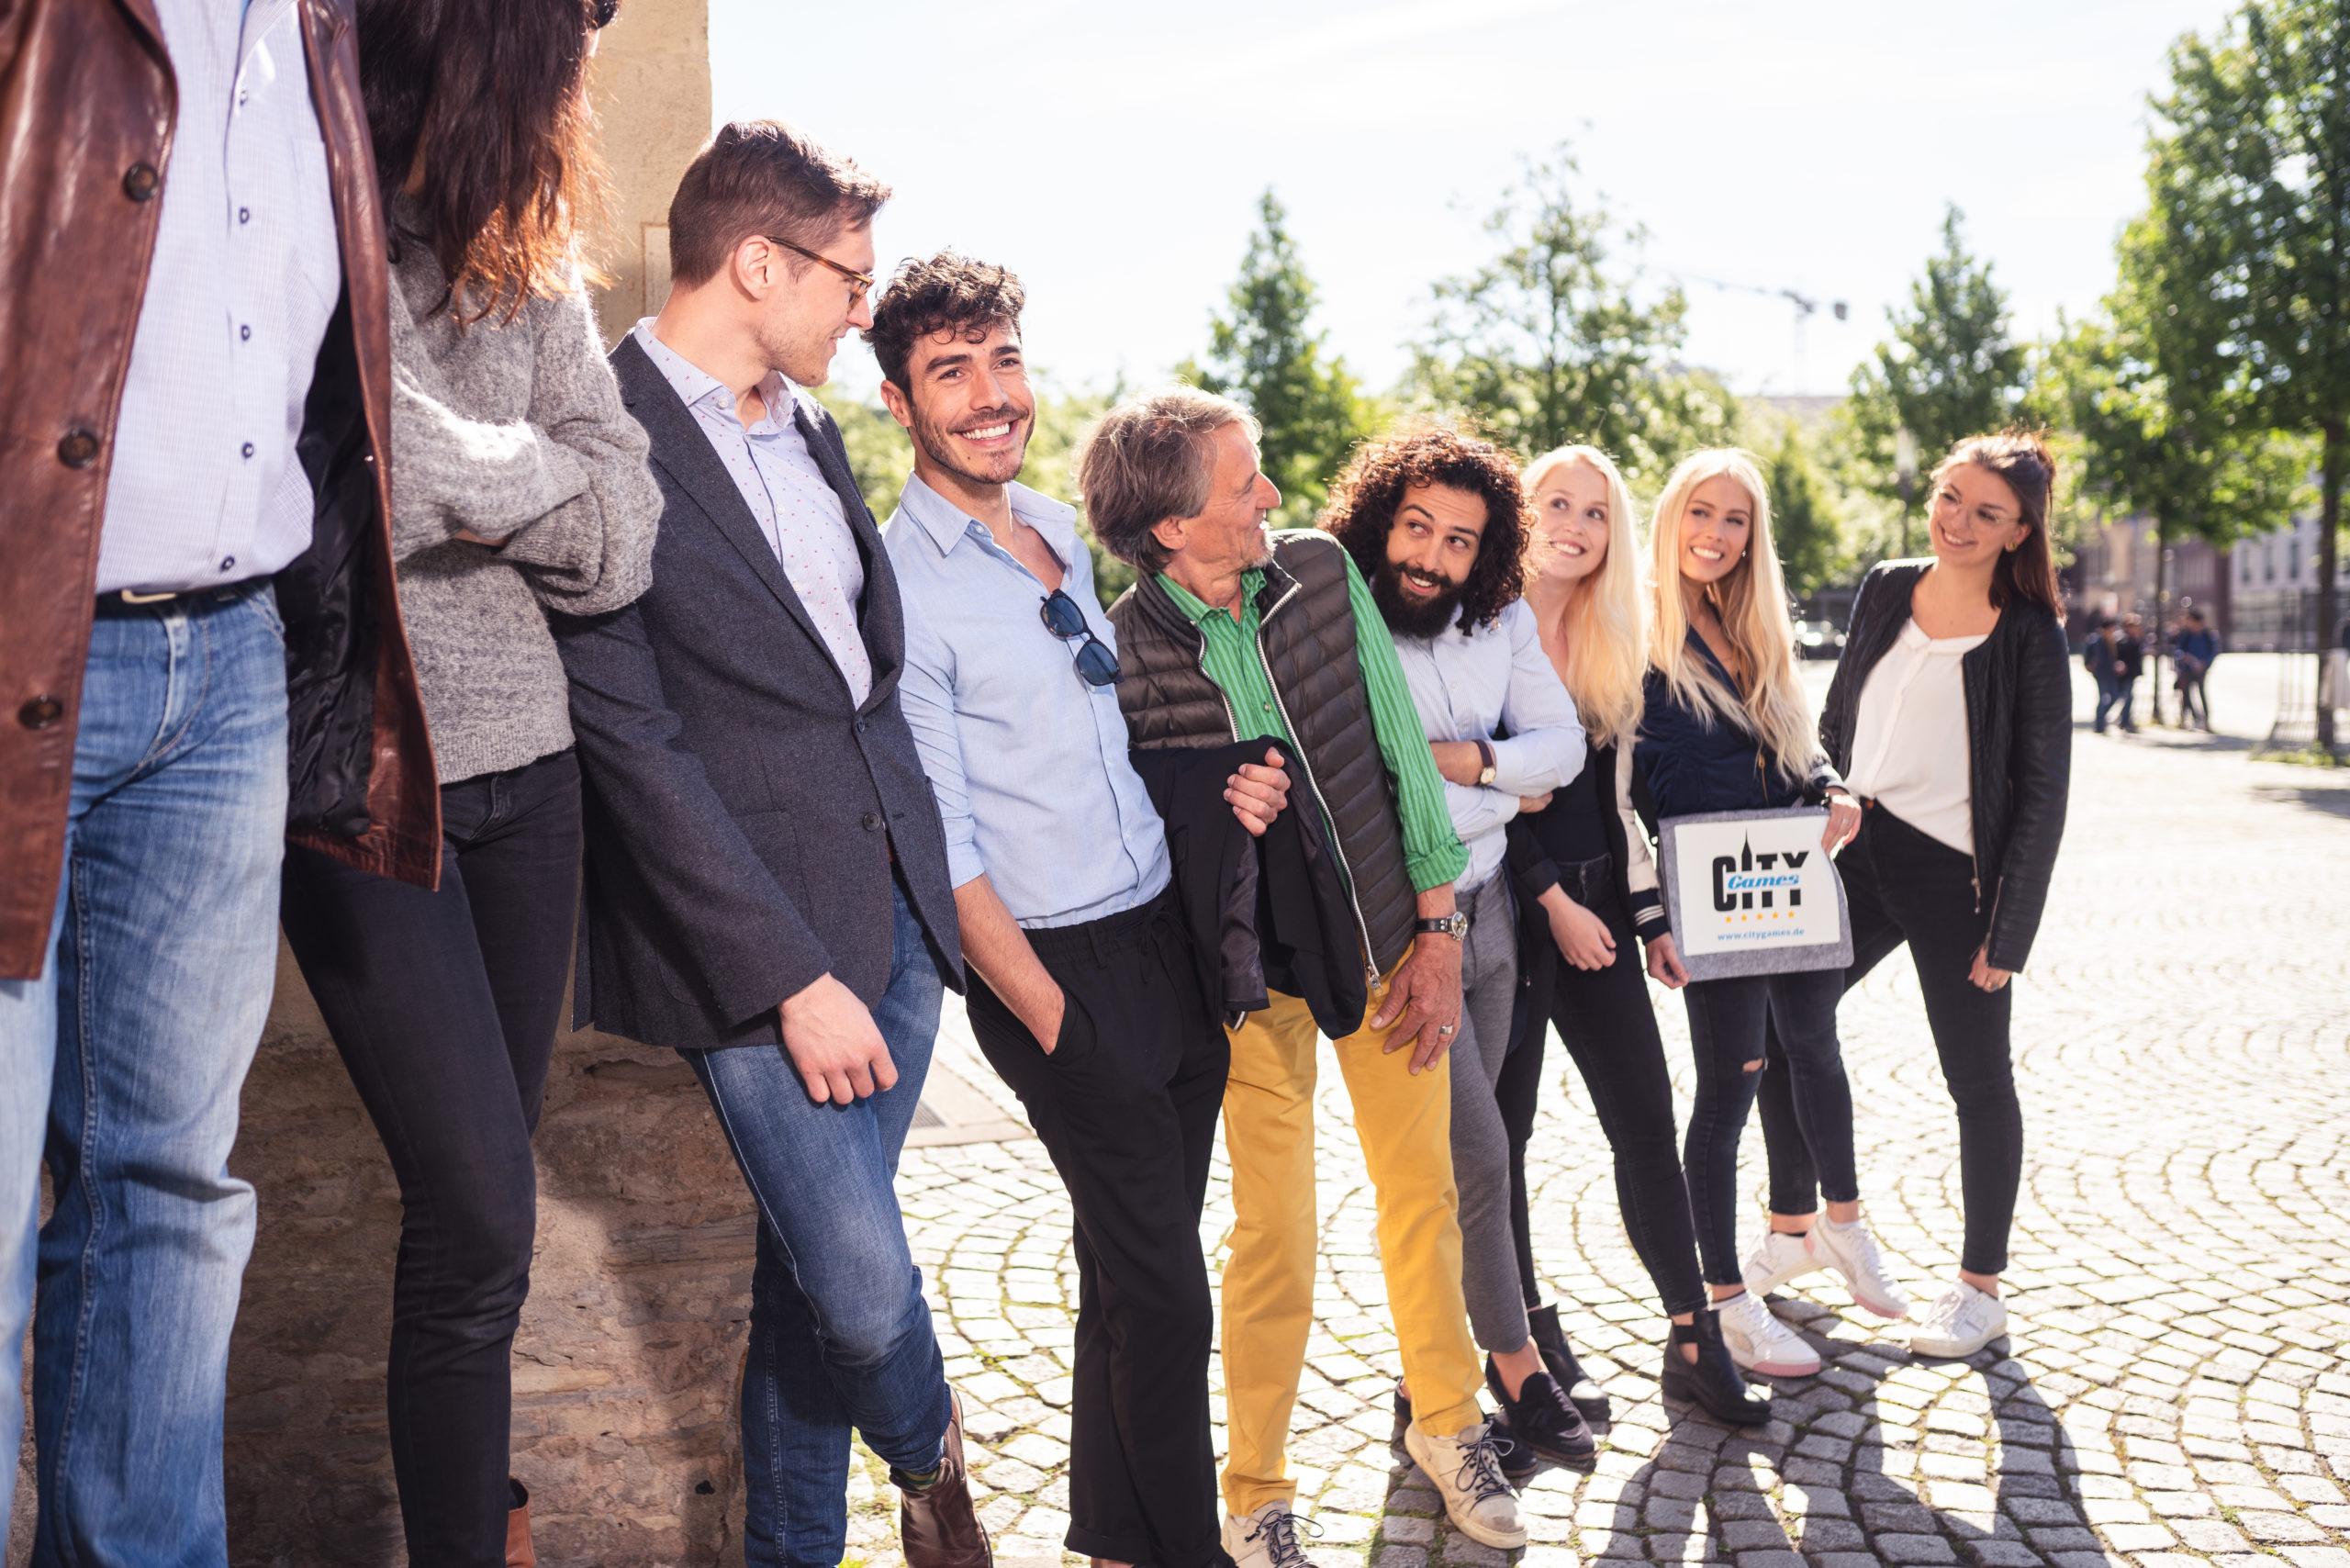 CityGames München Firmen Team Tour: Firmengruppe